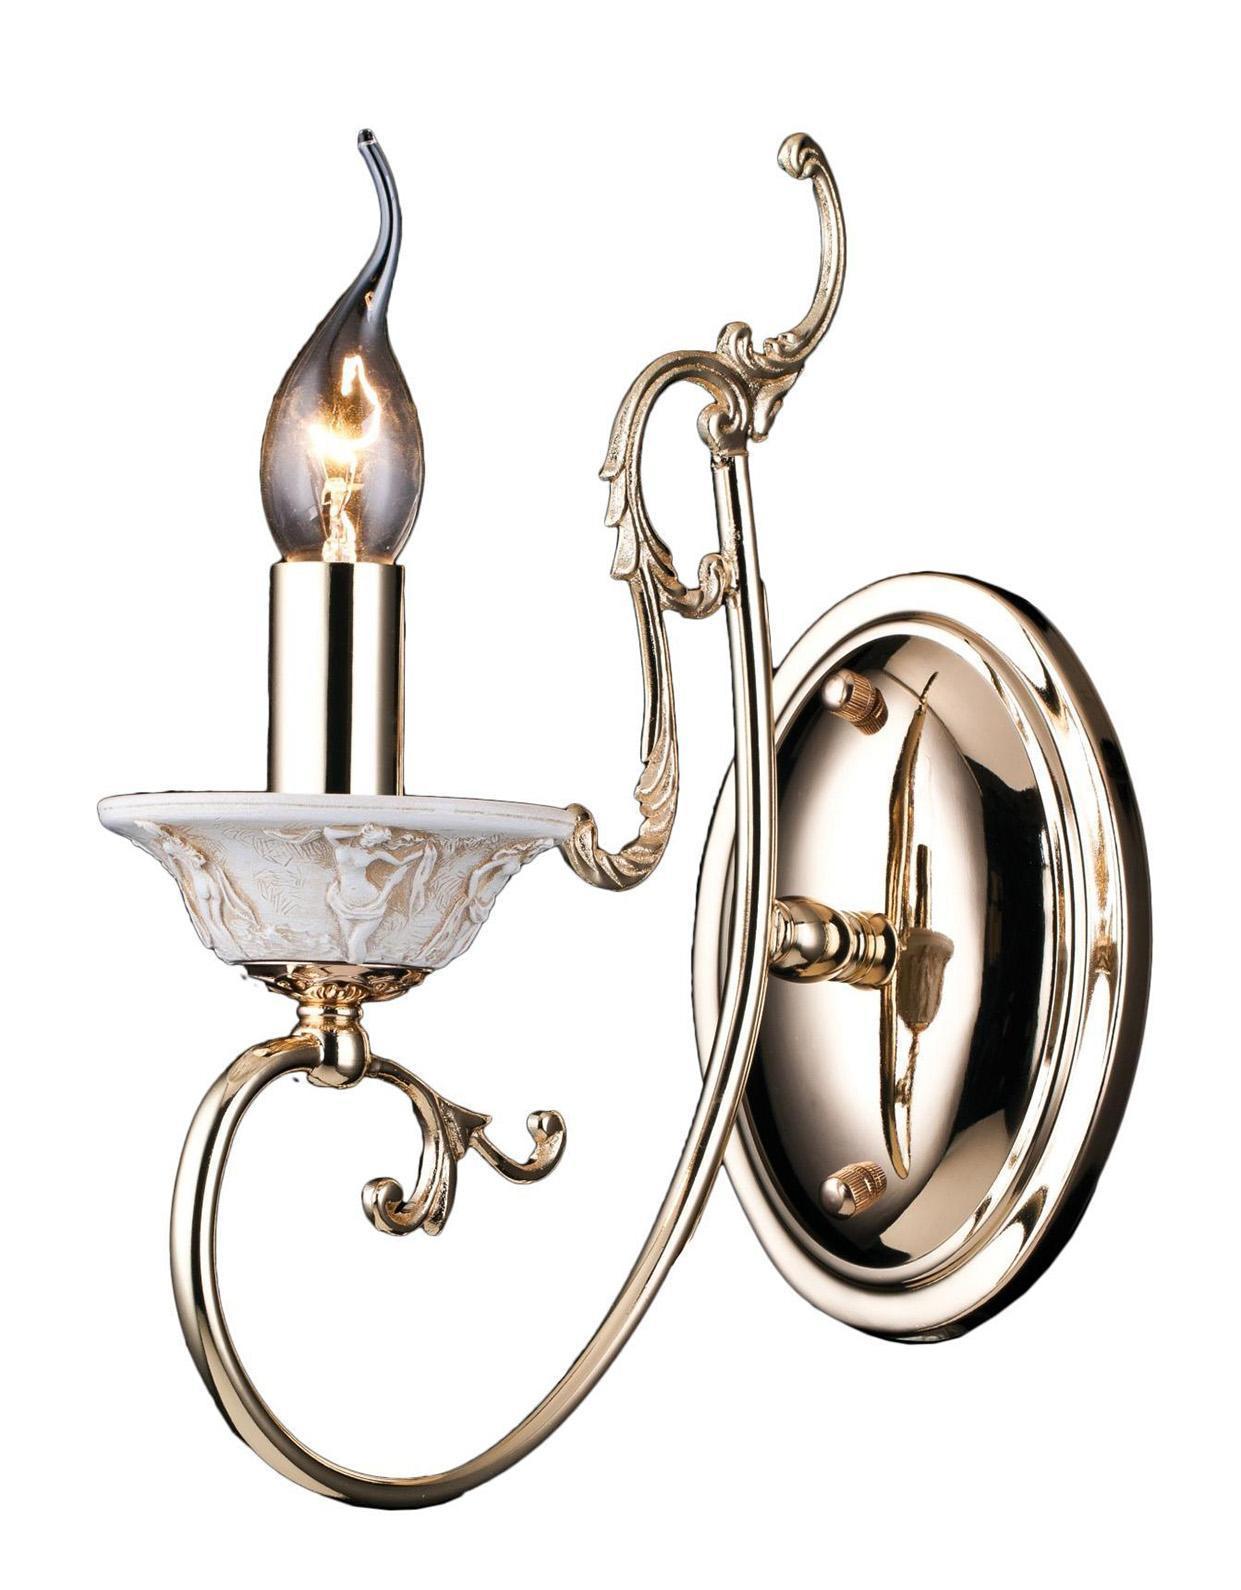 Бра Arte lampНастенные светильники и бра<br>Тип: бра,<br>Назначение светильника: для комнаты,<br>Стиль светильника: классика,<br>Материал светильника: металл,<br>Тип лампы: накаливания,<br>Количество ламп: 1,<br>Мощность: 60,<br>Патрон: Е14,<br>Цвет арматуры: золото,<br>Ширина: 100,<br>Высота: 310,<br>Удаление от стены: 260<br>